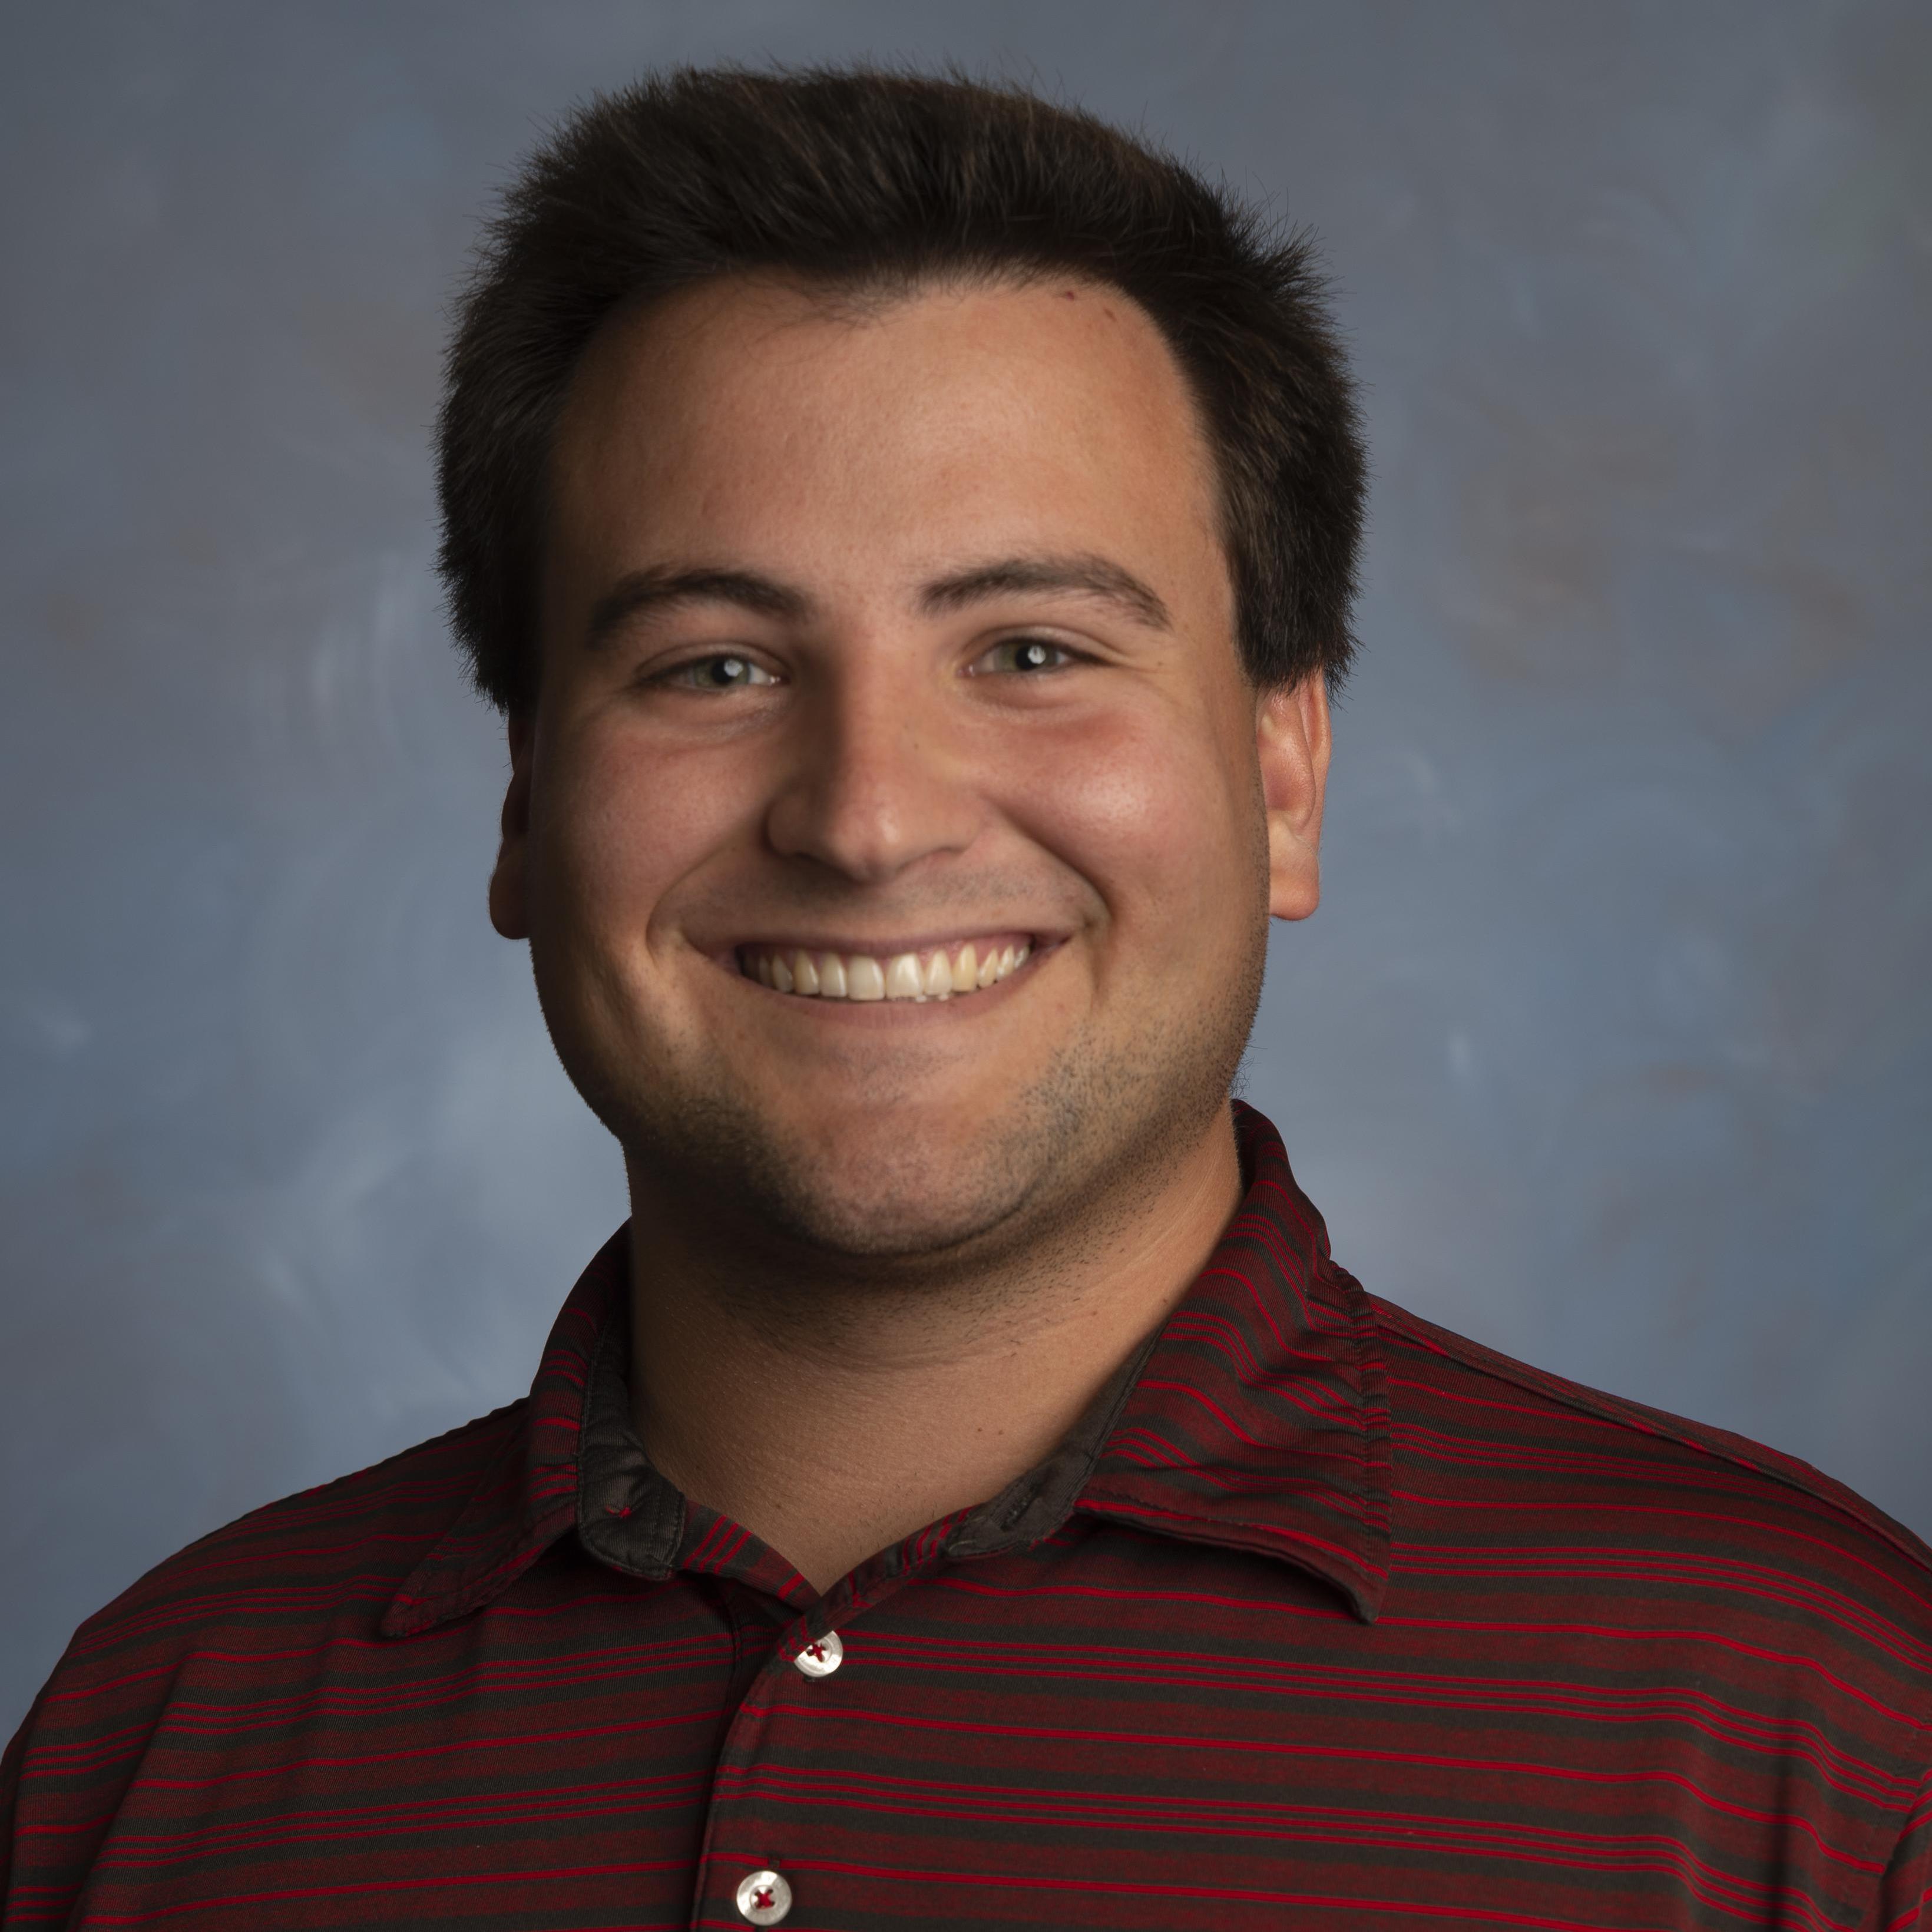 Dylan Thomas's Profile Photo